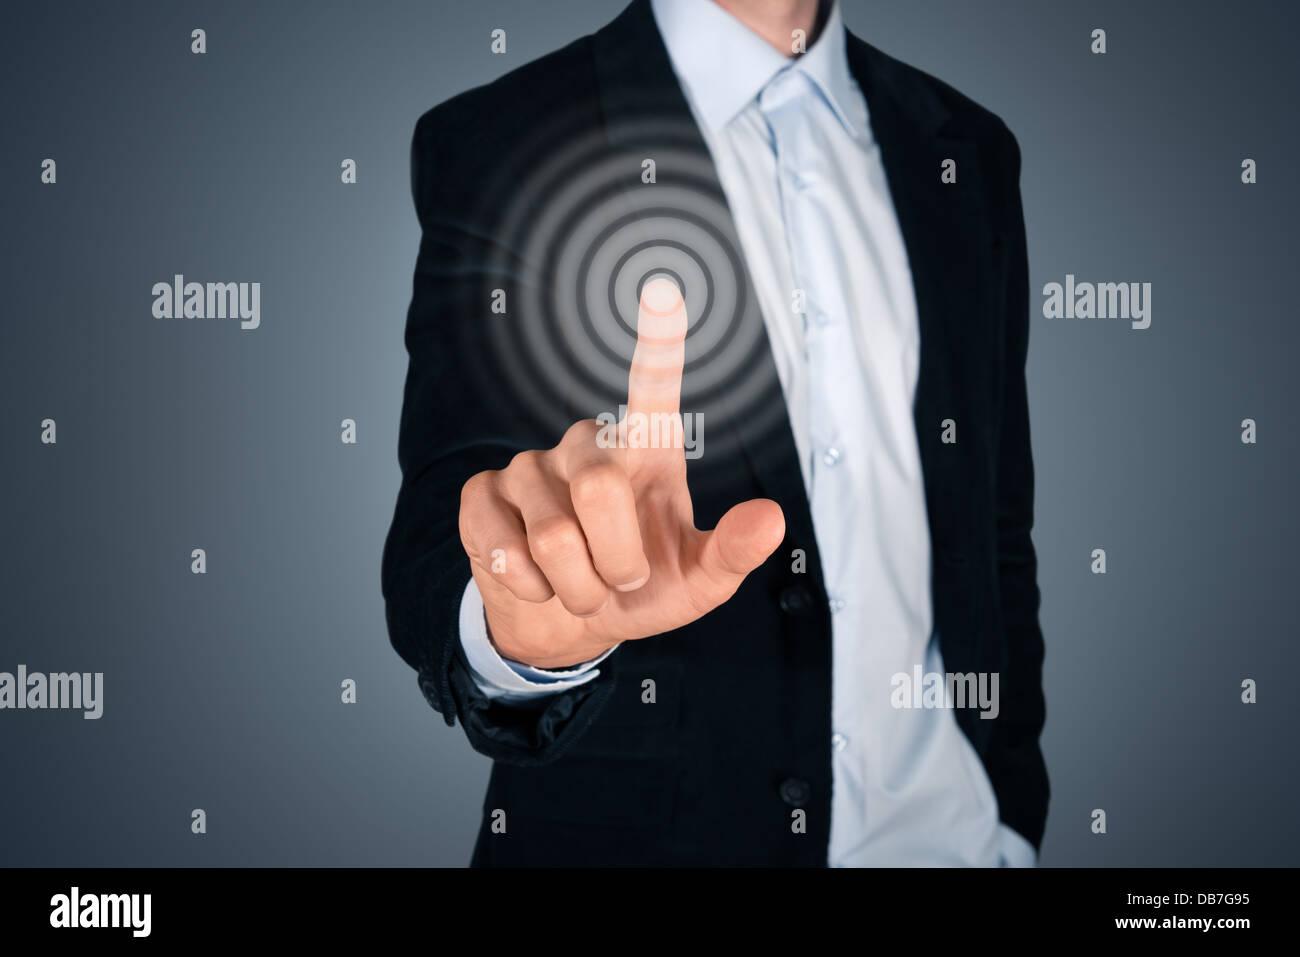 Portrait de l'entreprise personne touchant le bouton écran invisible. Concept d'écran tactile de l'image. Isolé sur fond gris foncé. Banque D'Images